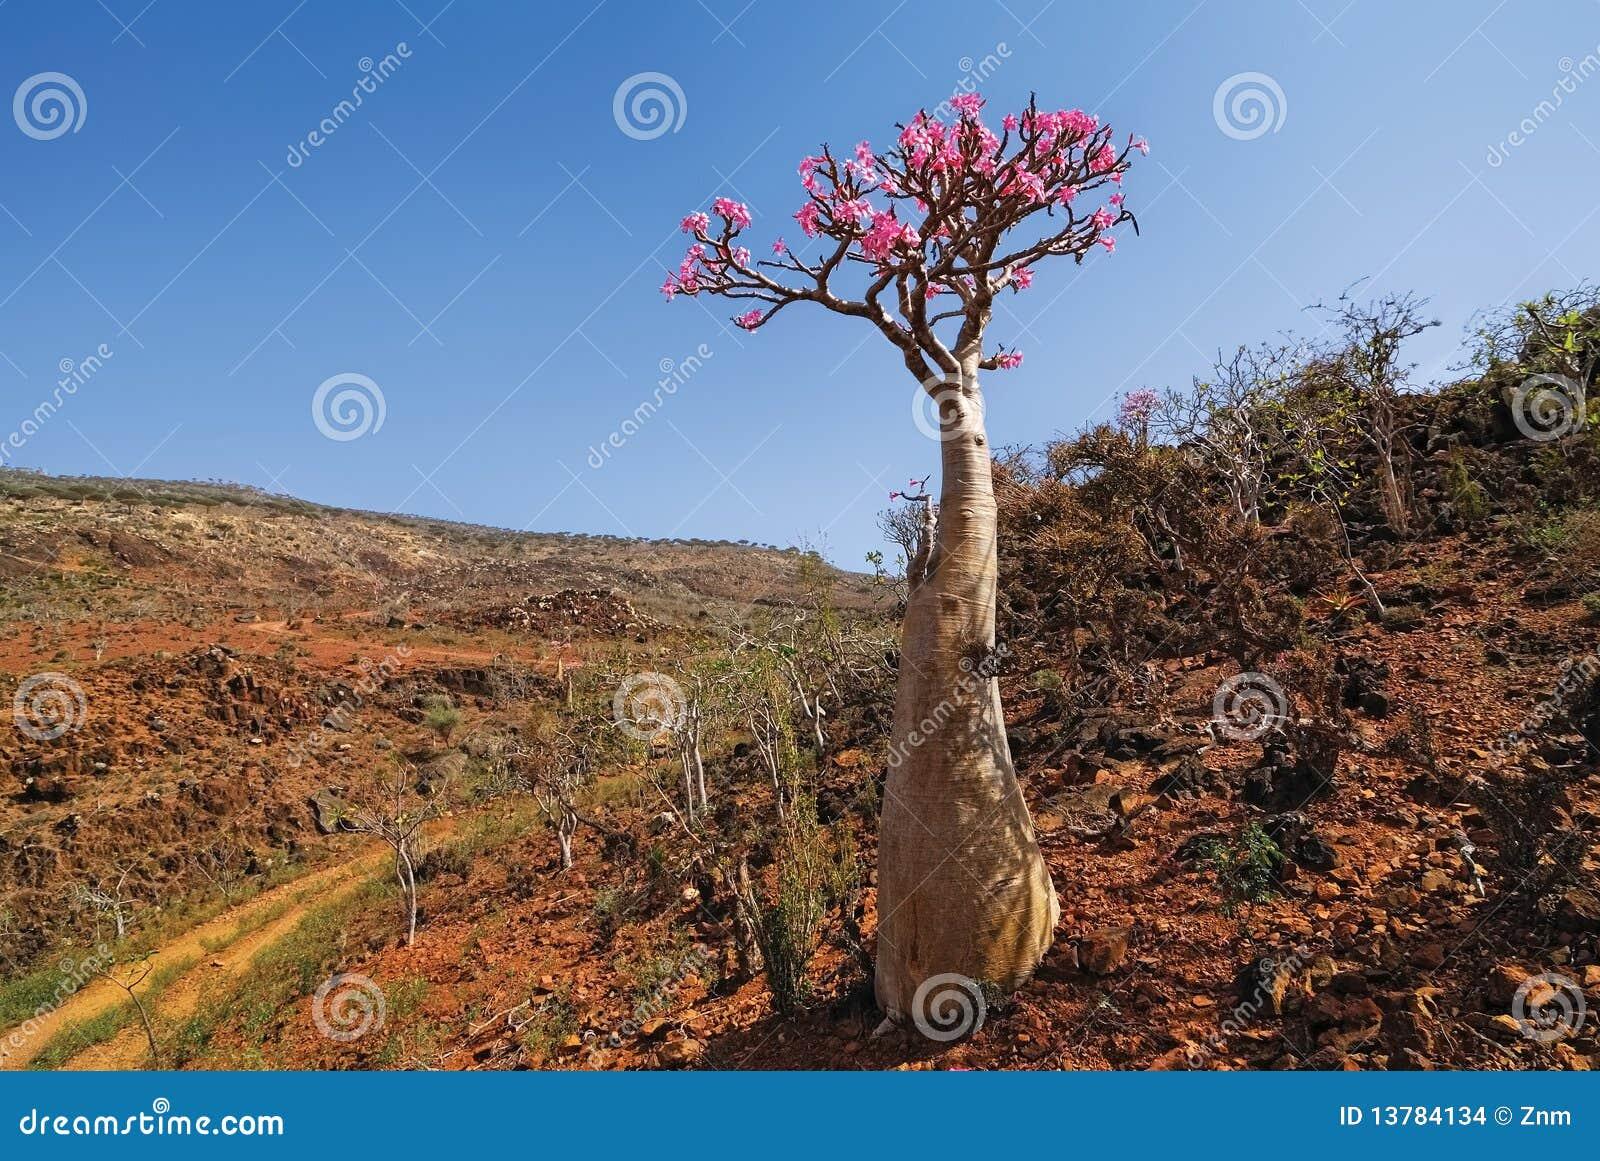 Desert Rose - Adenium Obesum Stock Images - Image: 13784134